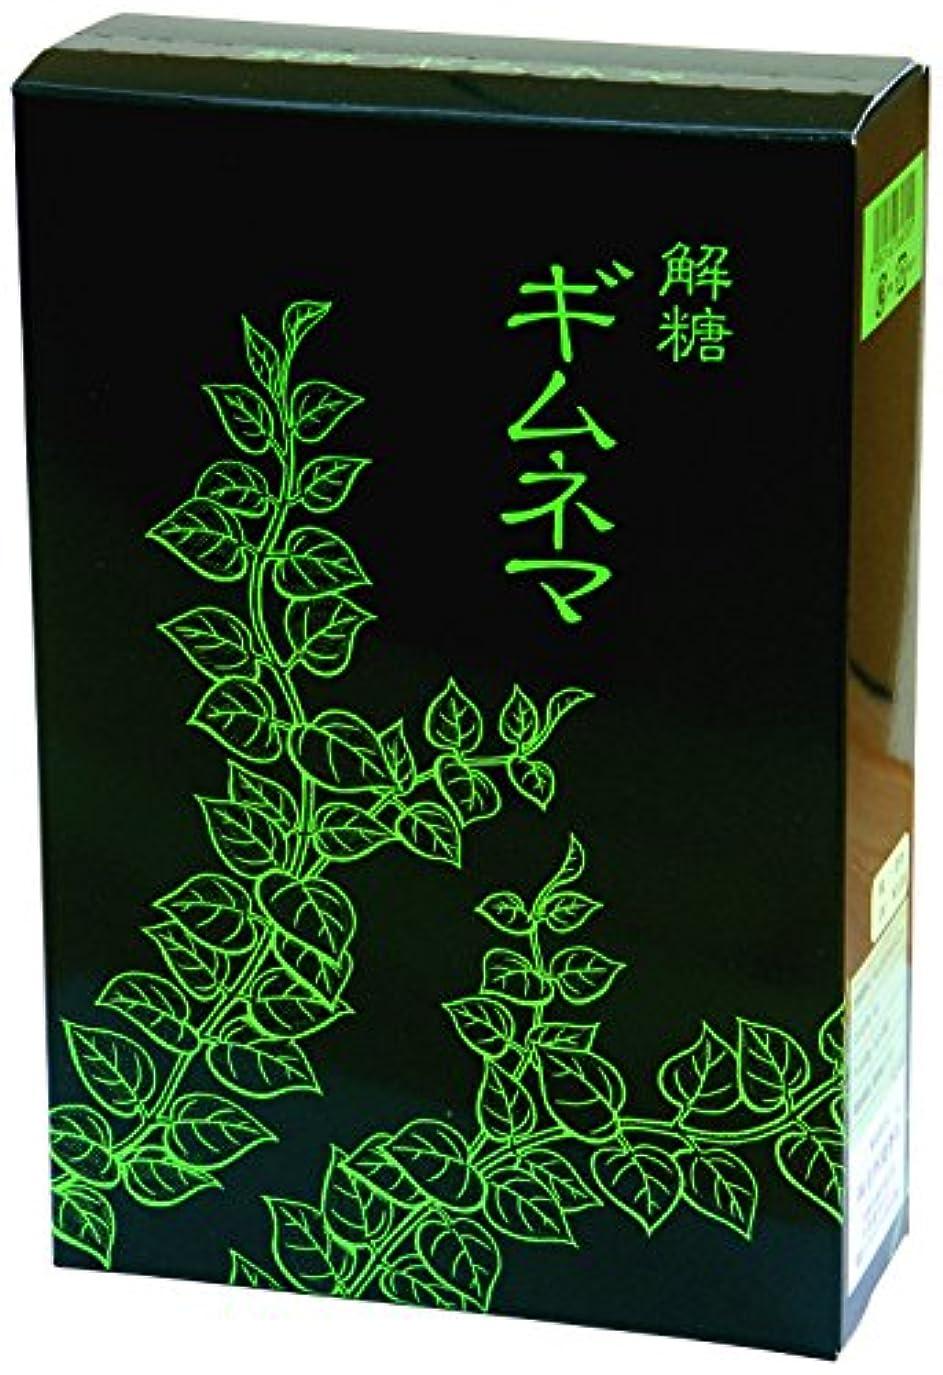 悪いニッケルチップ自然健康社 解糖ギムネマ茶 4g×32パック 煮出し用ティーバッグ